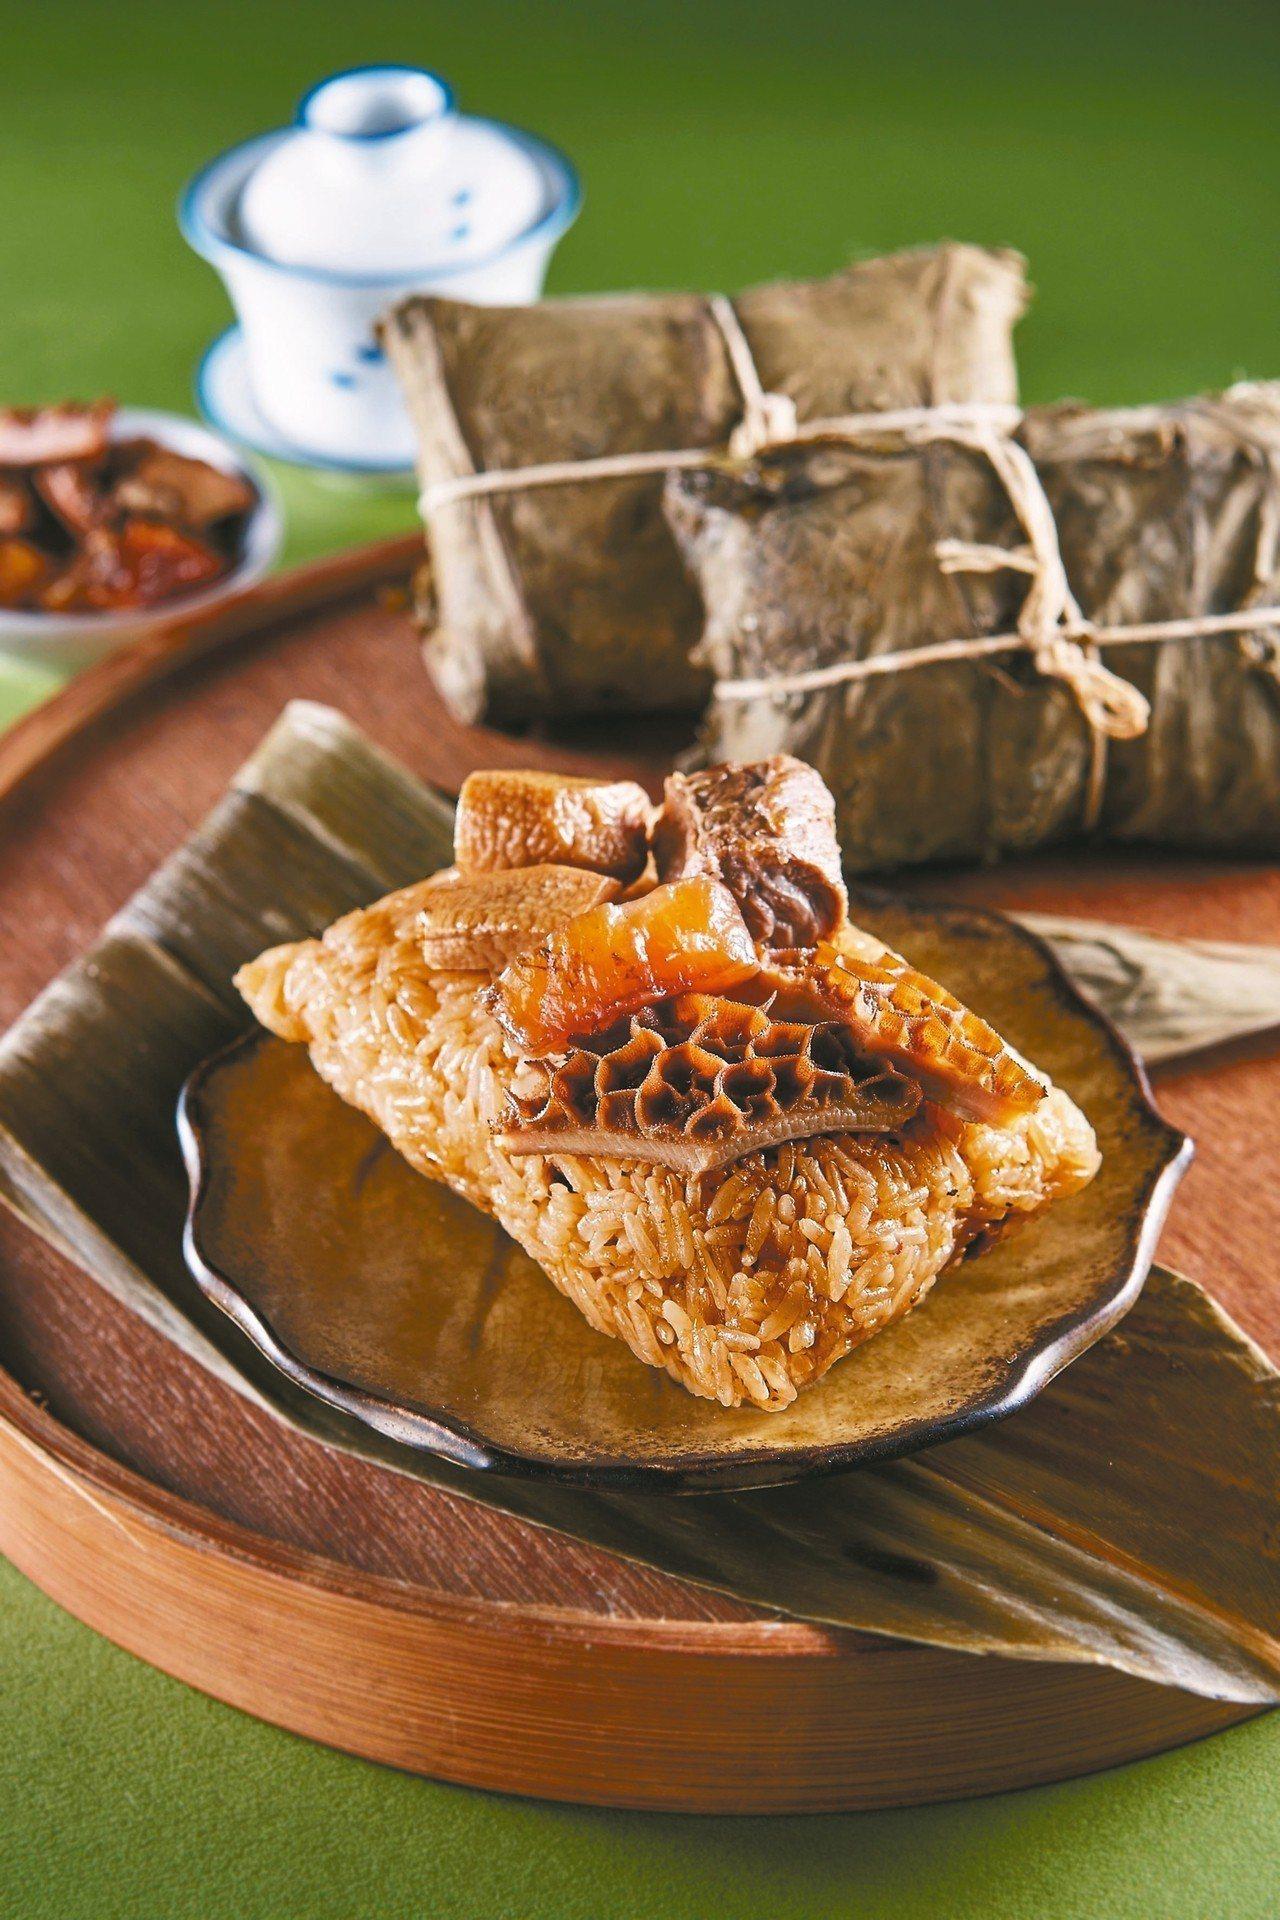 新東陽新品「杏福牛三寶粽」充滿濃厚台灣味,每顆售價220元,5/20前享預購價2...